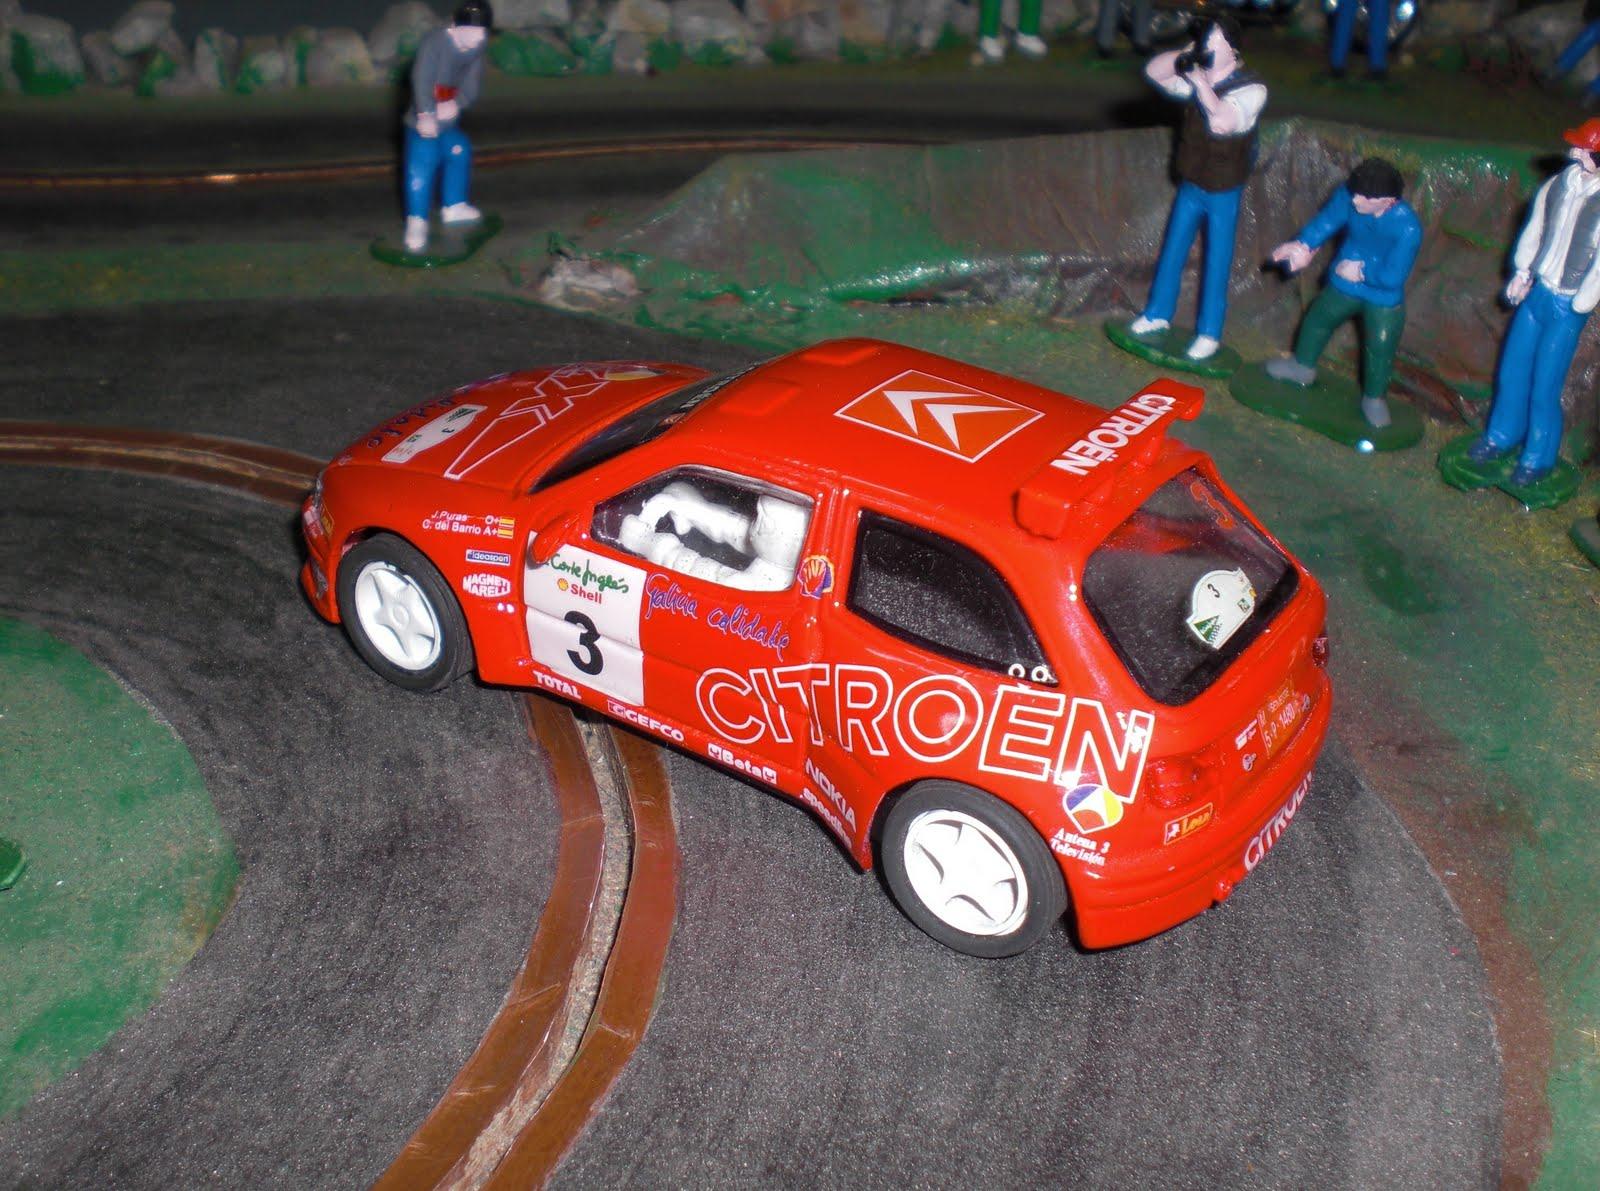 Citroen Zx Kit Car Team Slot